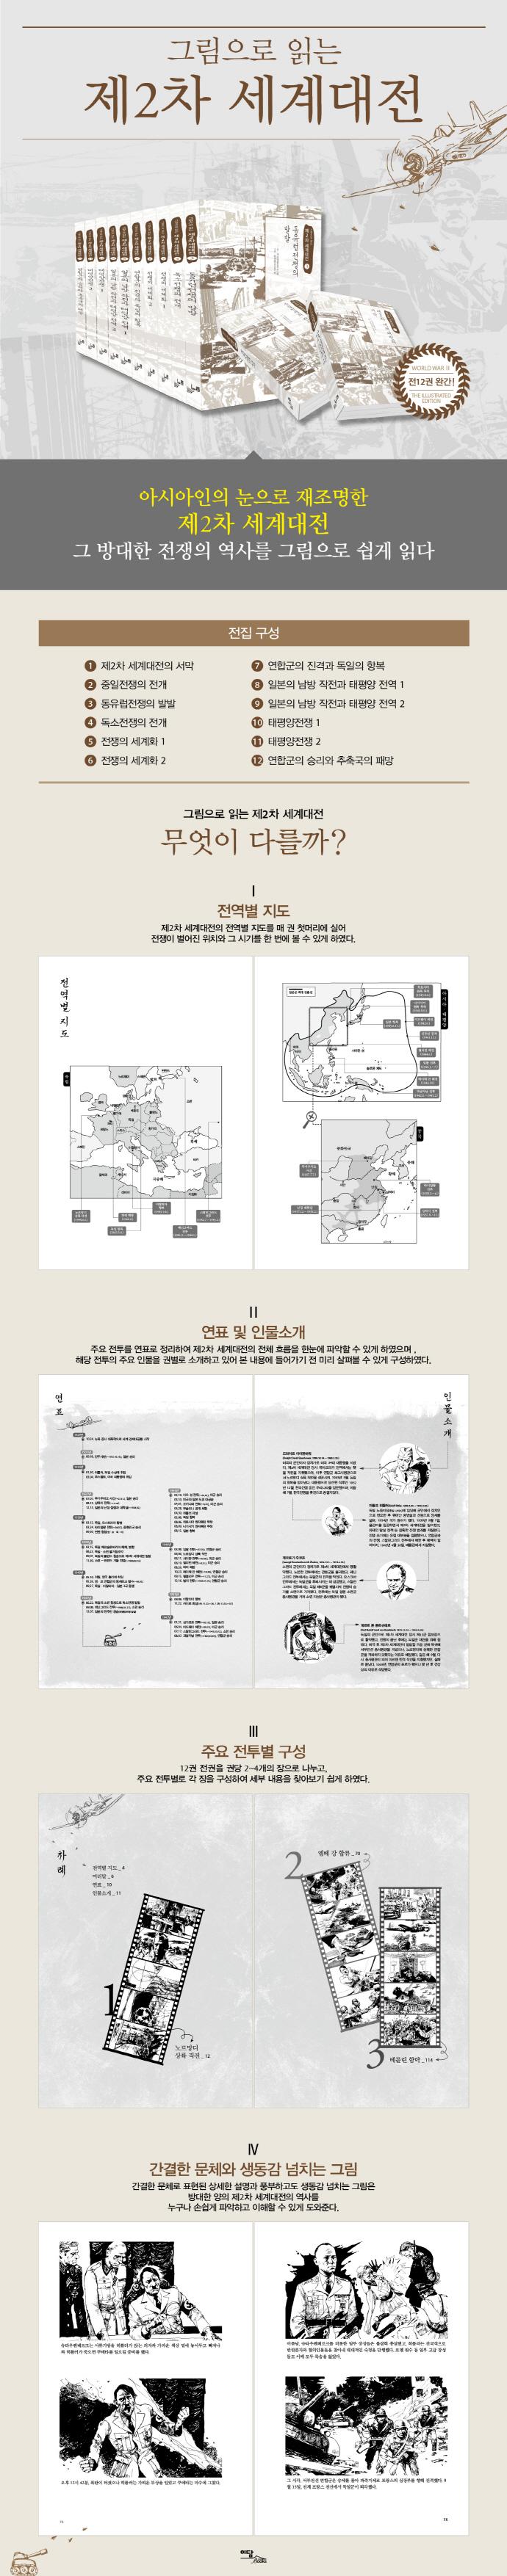 제2차 세계대전. 10: 태평양전쟁(1)(그림으로 읽는) 도서 상세이미지